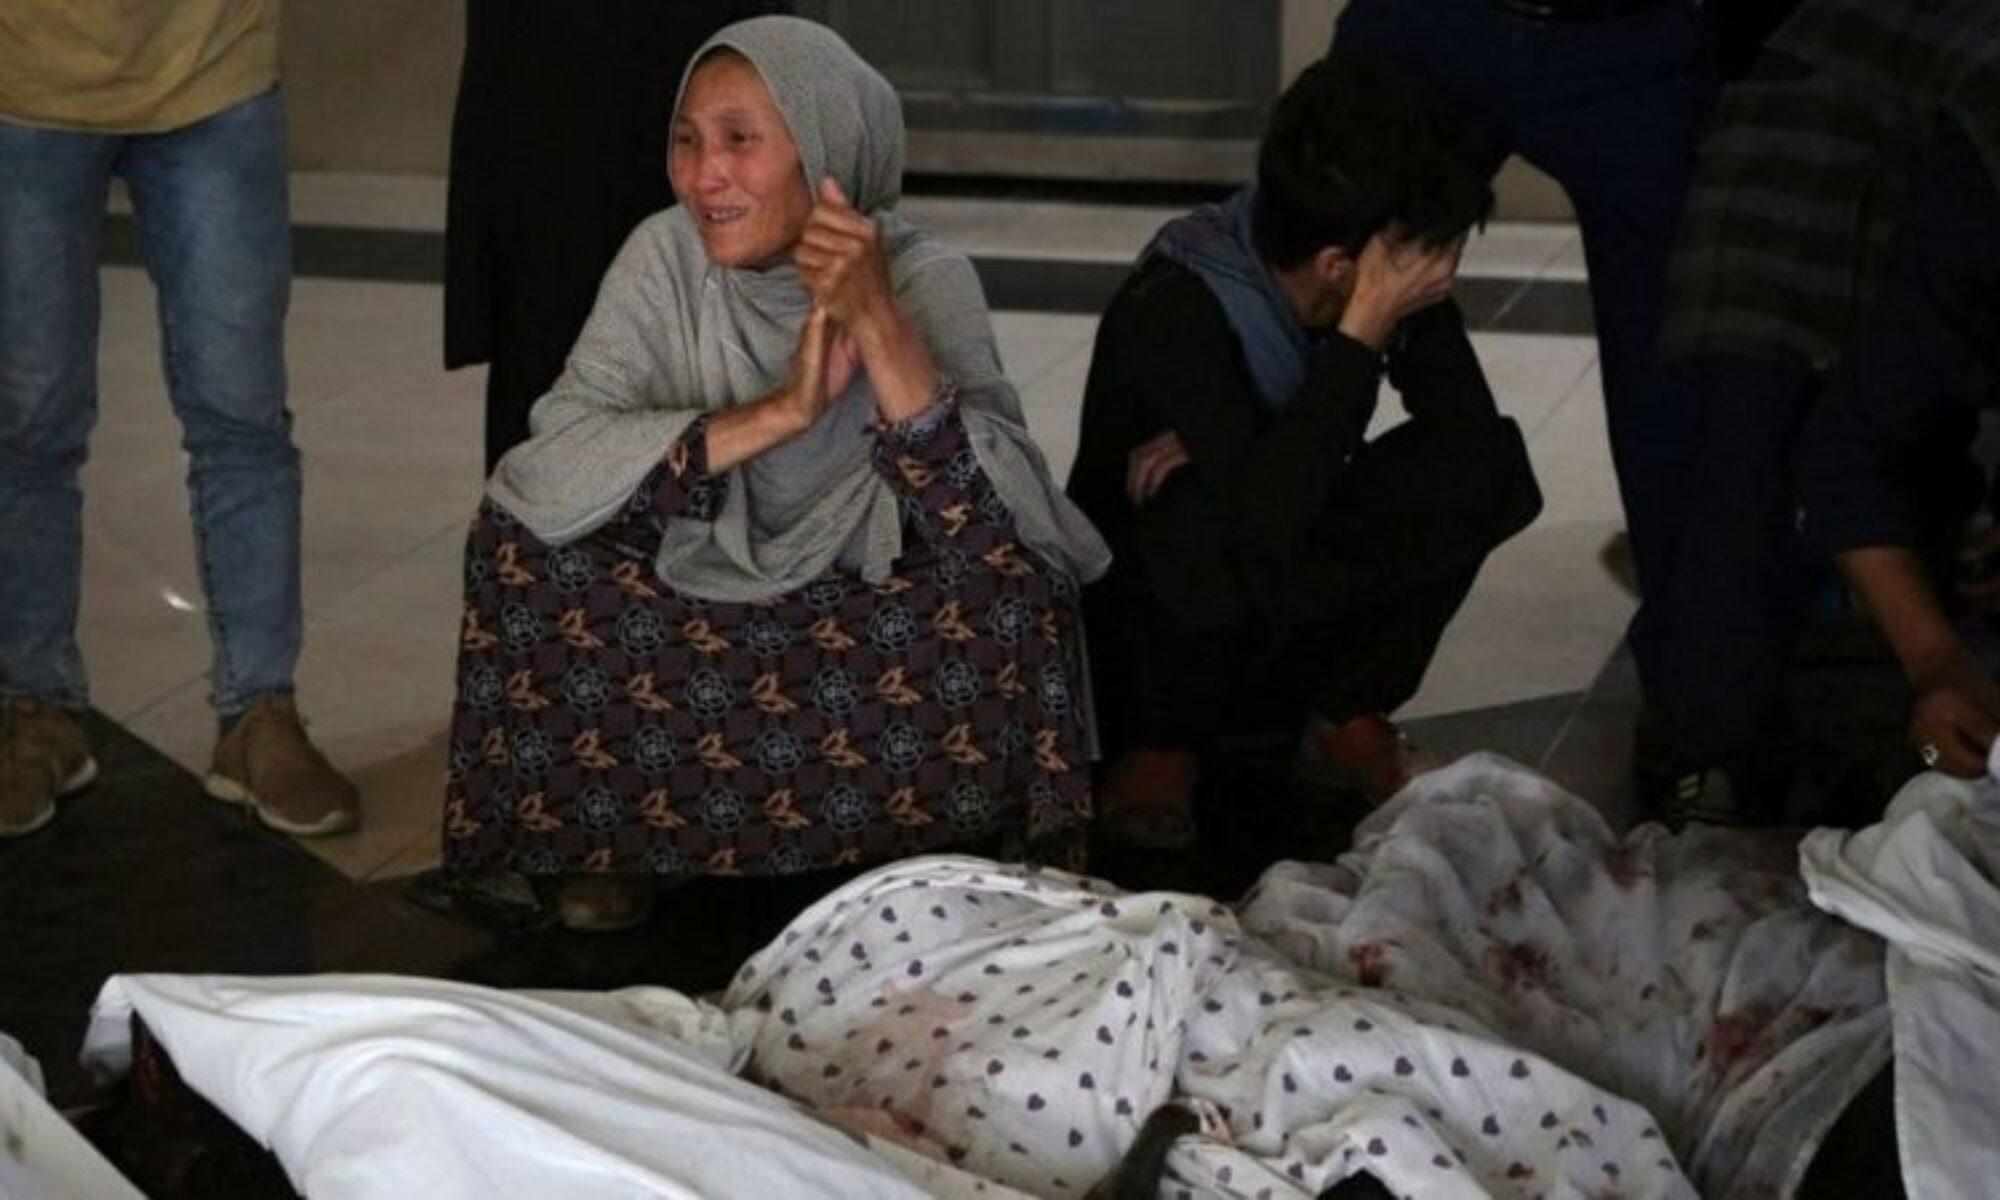 د تەقینا ل بەر دەرێ قۆتابخانا کچان ل کابول 30 کەس ھاتنە کوشتن